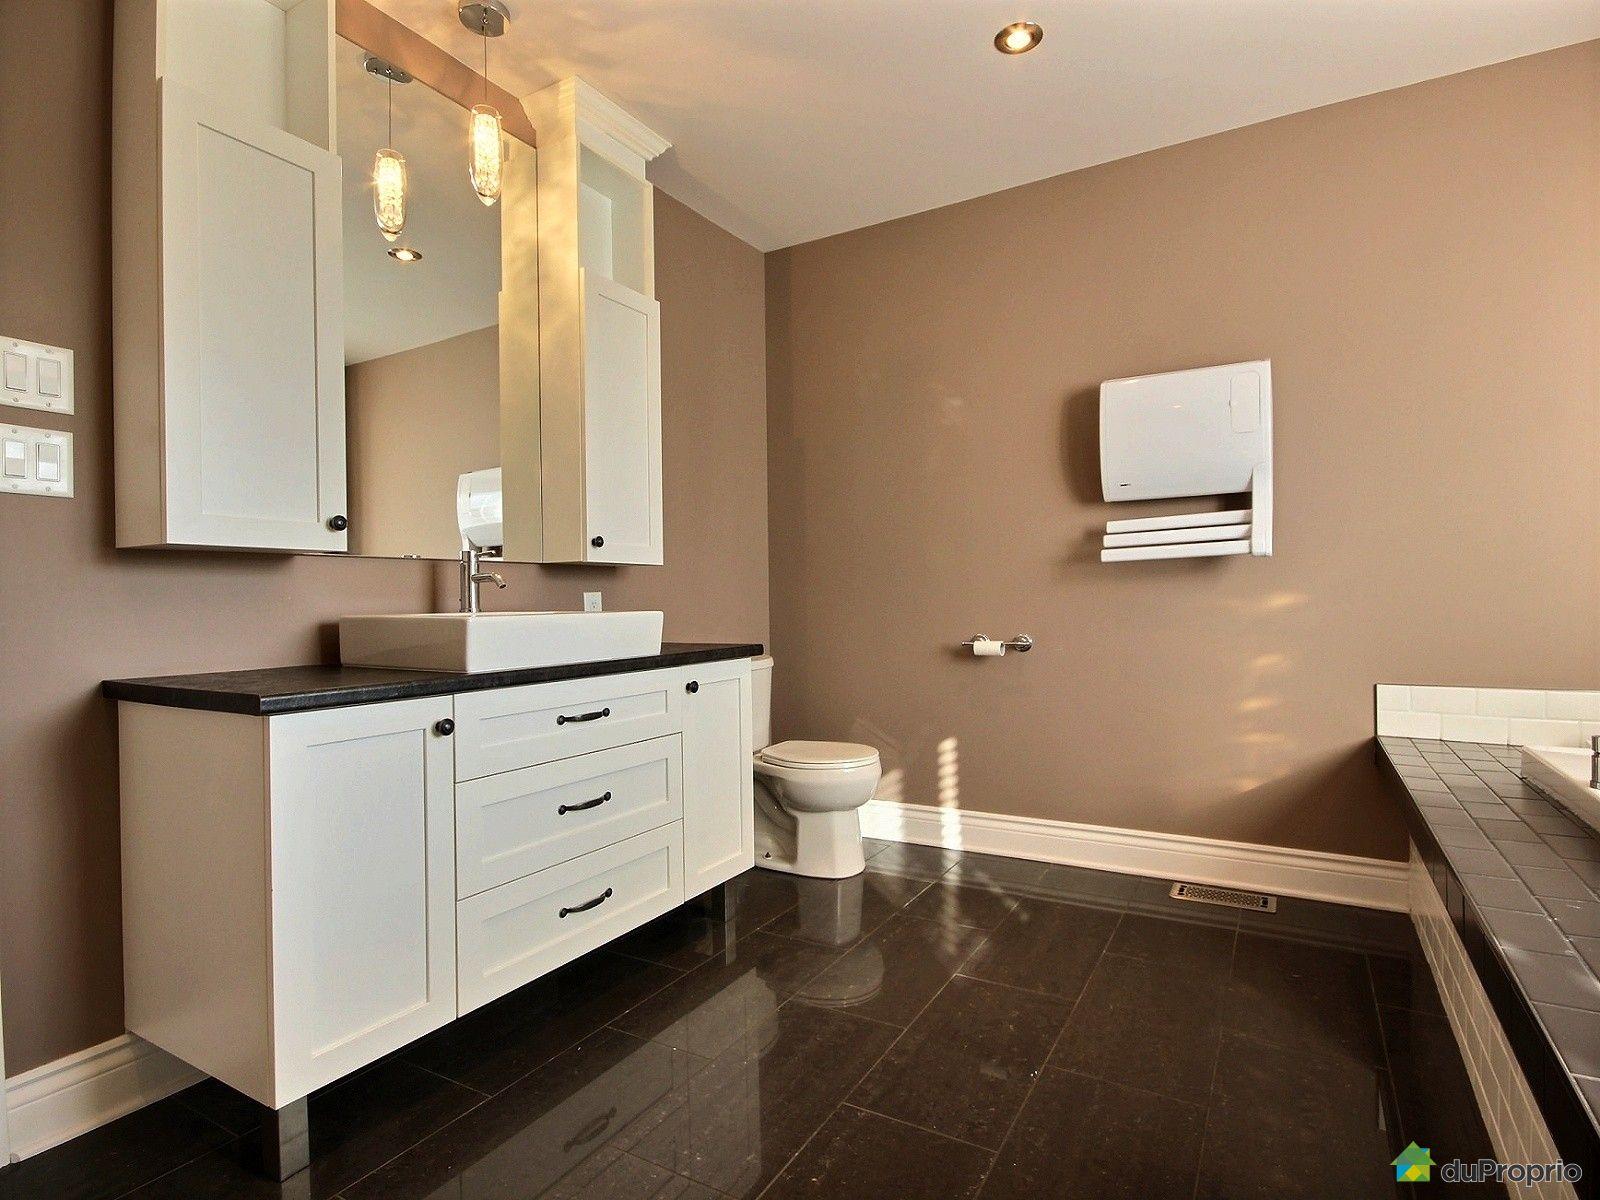 Maison vendre st j r me 1024 rue d 39 amboise immobilier for Accessoire salle de bain st jerome